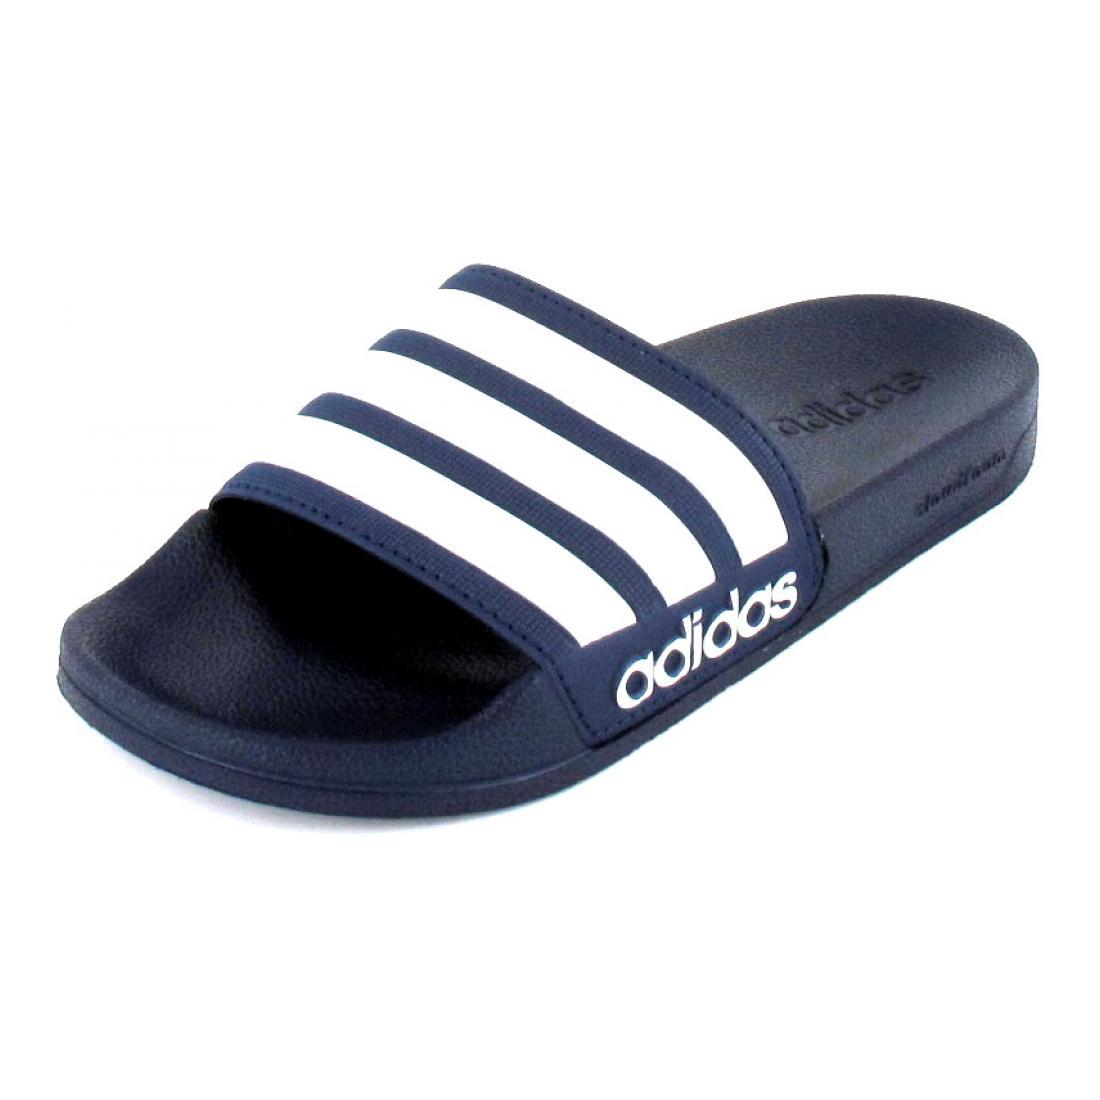 adidas Sportschuh AQ1703-000 Adilette Showe